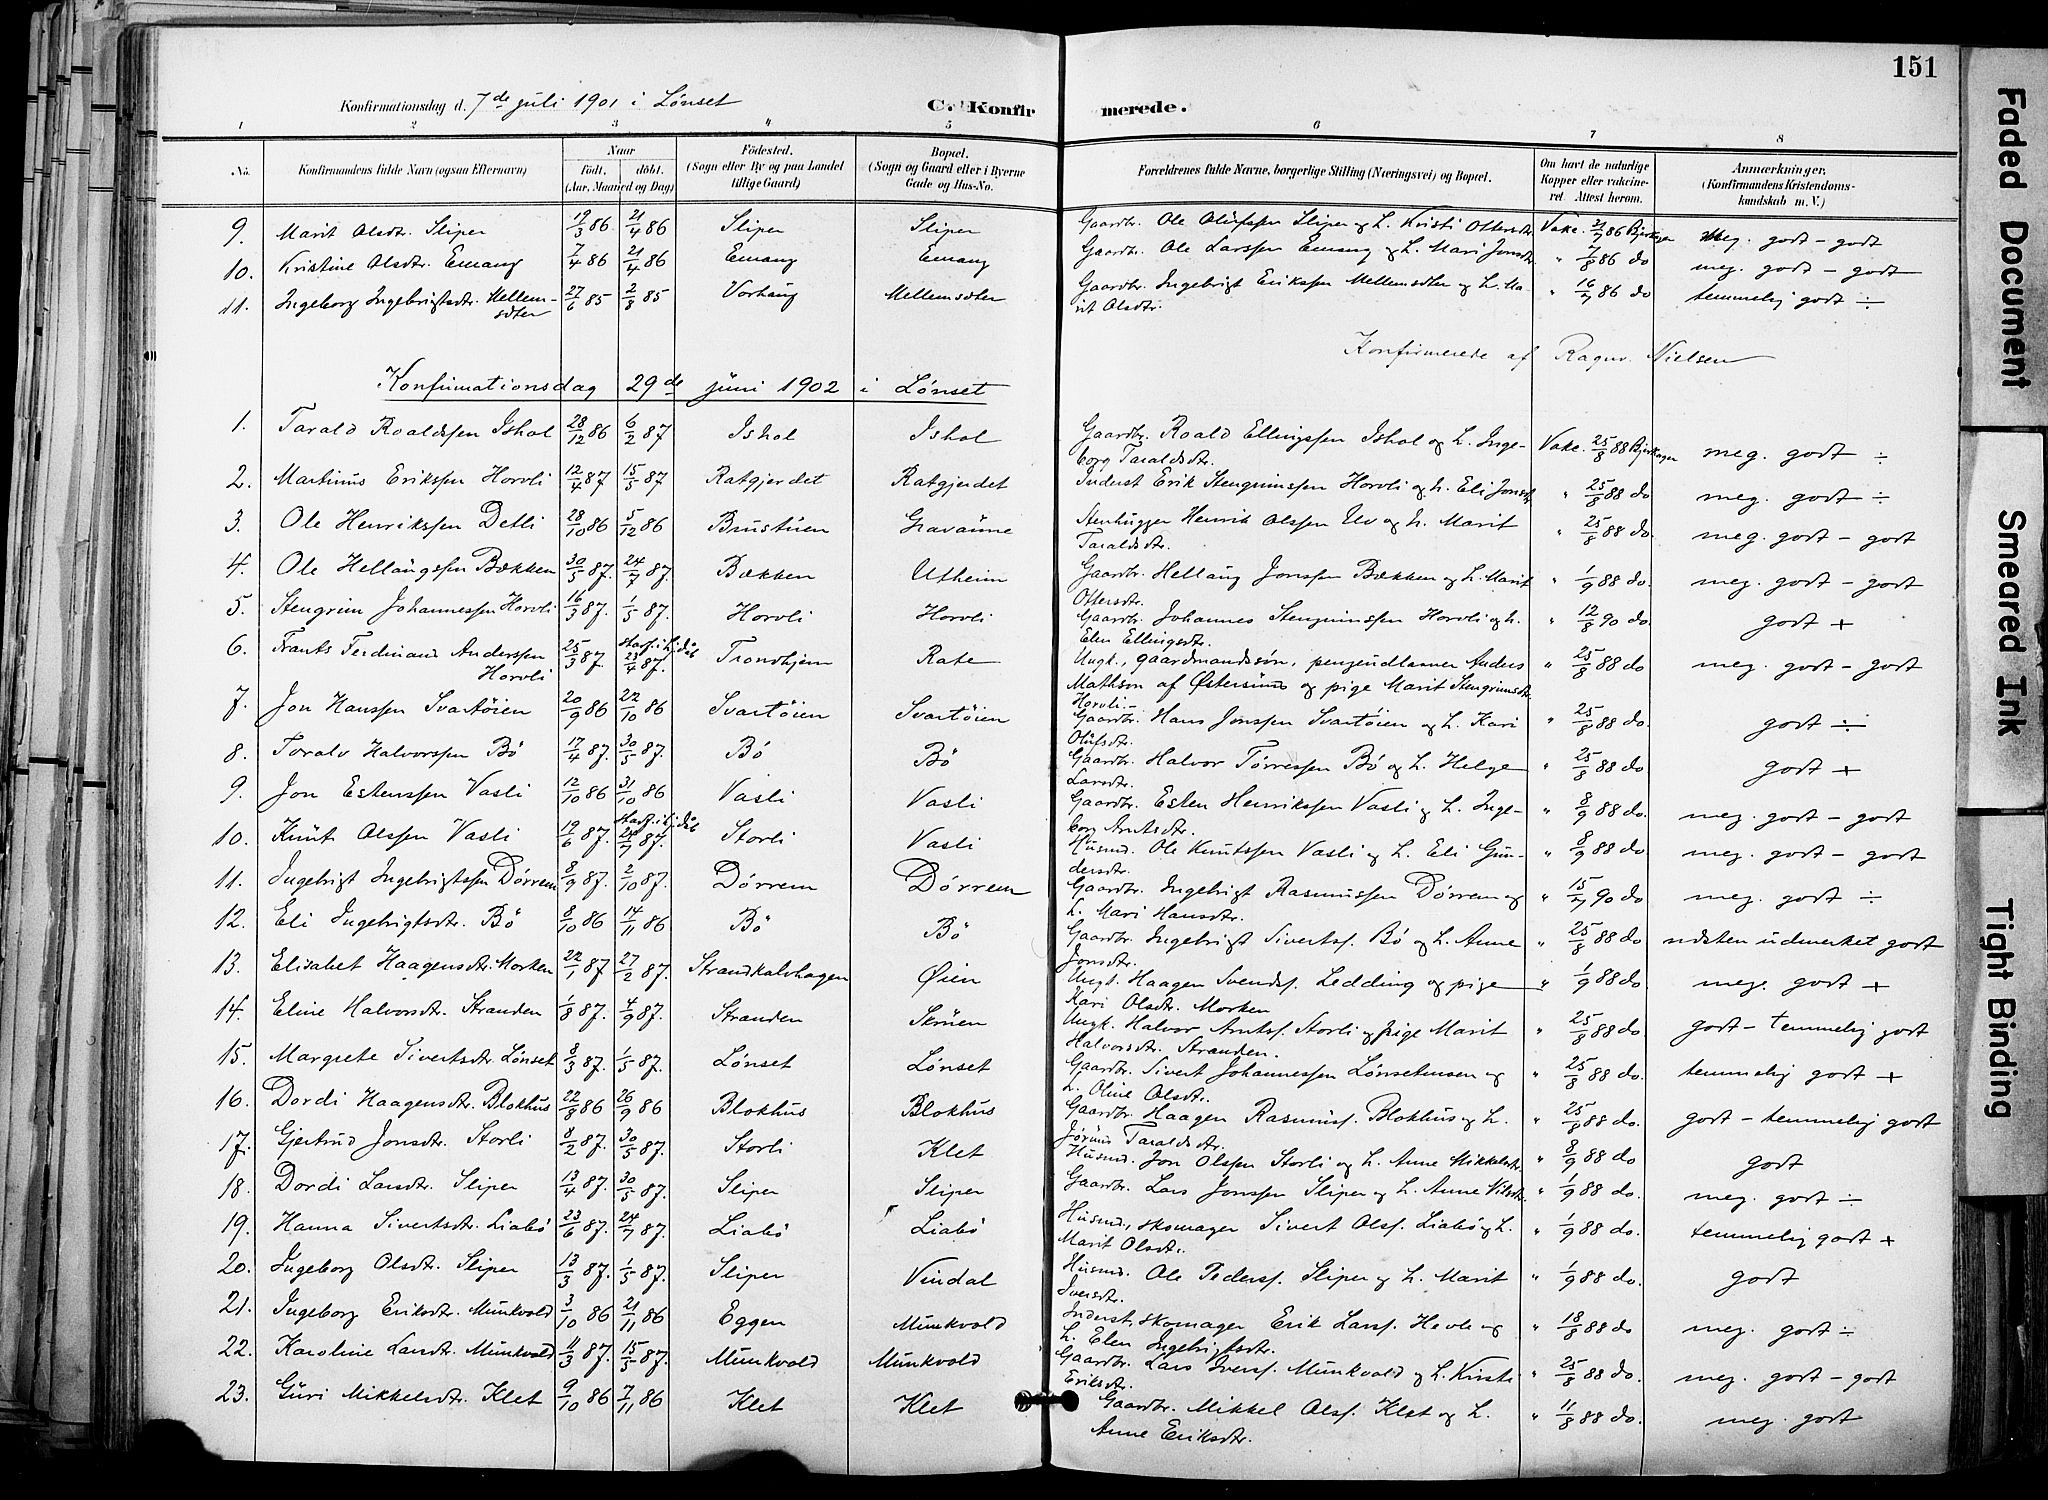 SAT, Ministerialprotokoller, klokkerbøker og fødselsregistre - Sør-Trøndelag, 678/L0902: Ministerialbok nr. 678A11, 1895-1911, s. 151